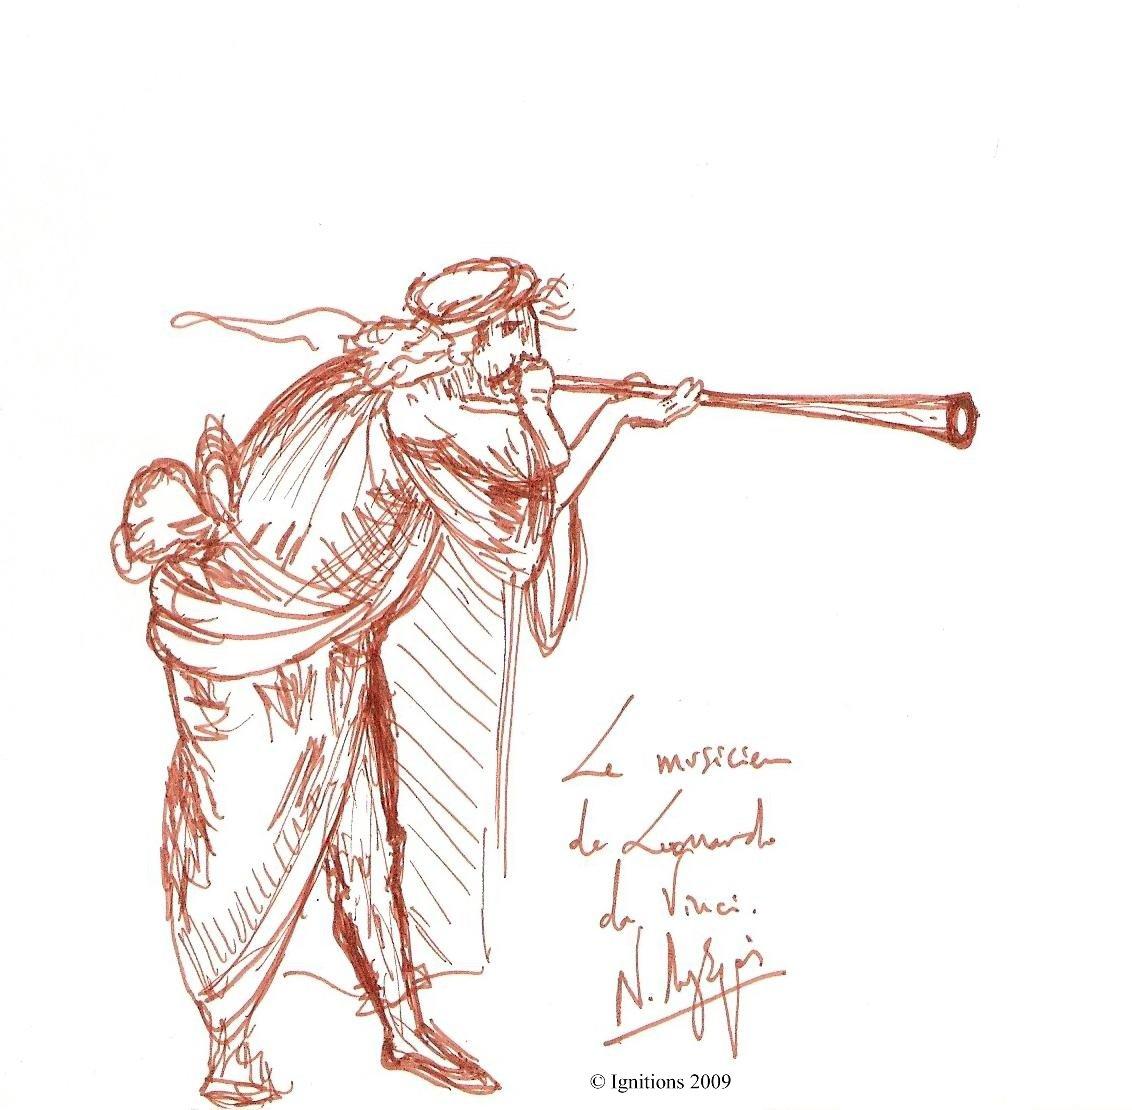 Le musicien de Leonardo da Vinci.